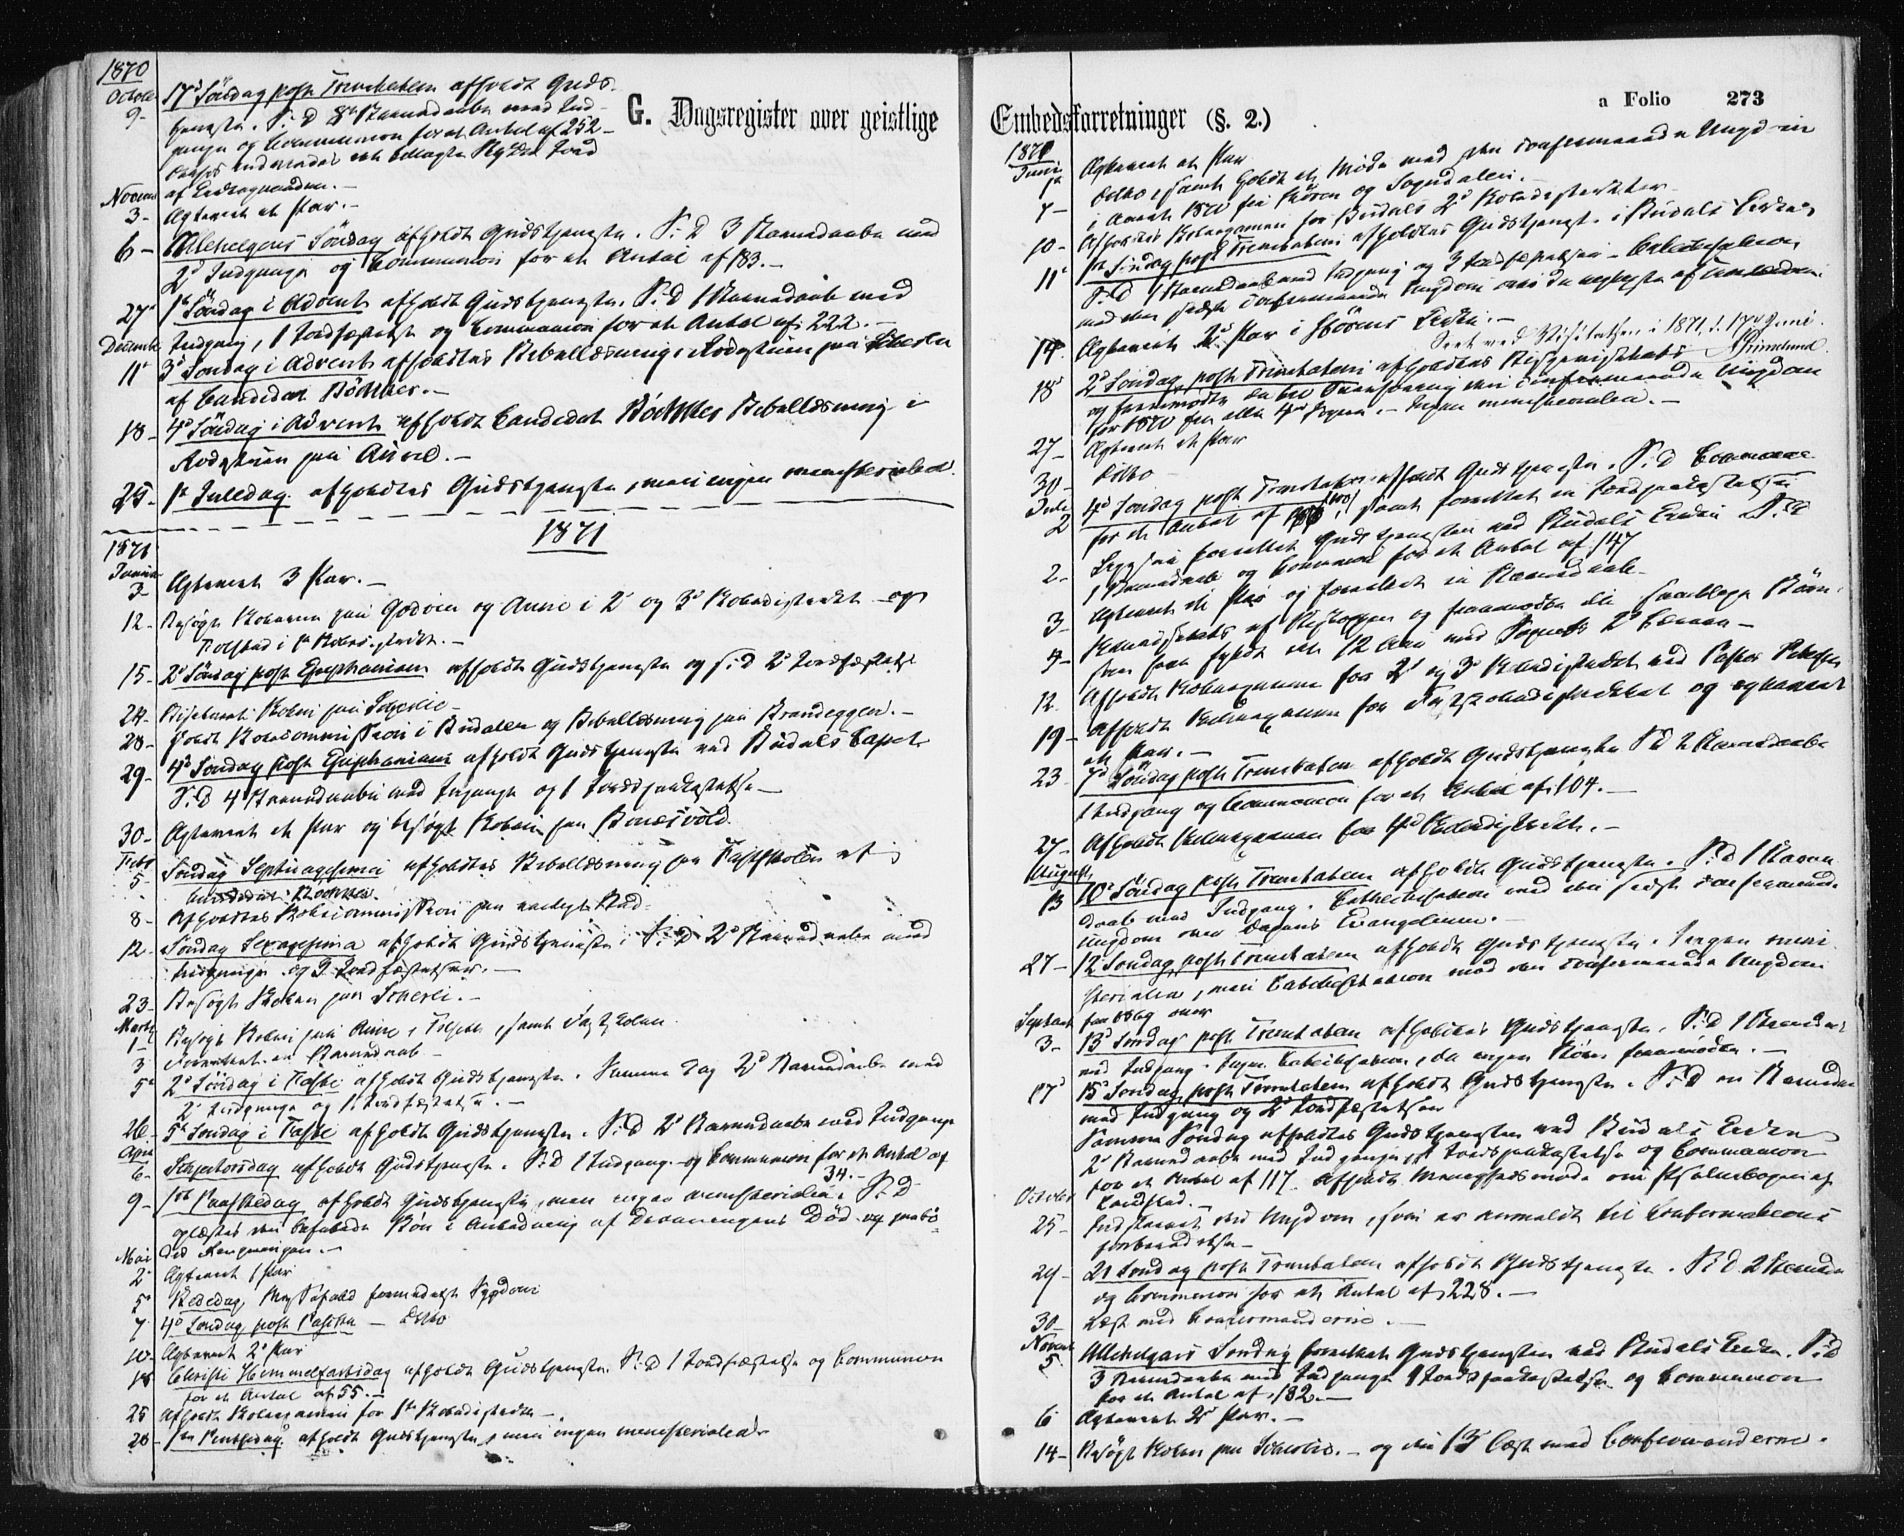 SAT, Ministerialprotokoller, klokkerbøker og fødselsregistre - Sør-Trøndelag, 687/L1001: Ministerialbok nr. 687A07, 1863-1878, s. 273